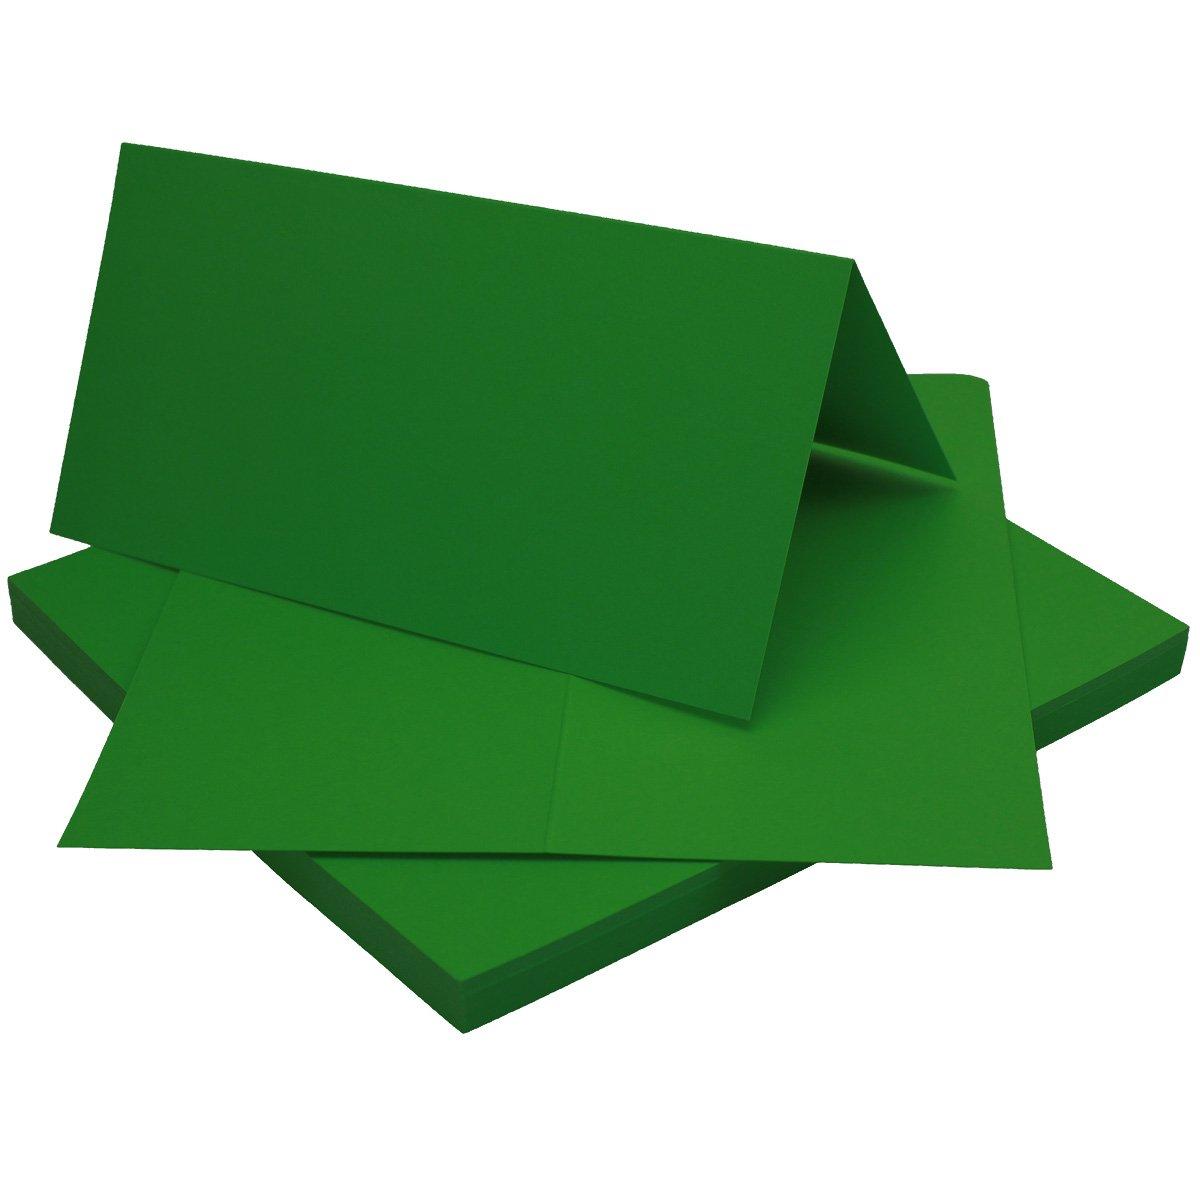 700 Faltkarten Din Lang - Hellgrau - Premium Qualität - 10,5 x 21 cm - Sehr formstabil - für Drucker Geeignet  - Qualitätsmarke  NEUSER FarbenFroh B07FKST9K5 | Heißer Verkauf